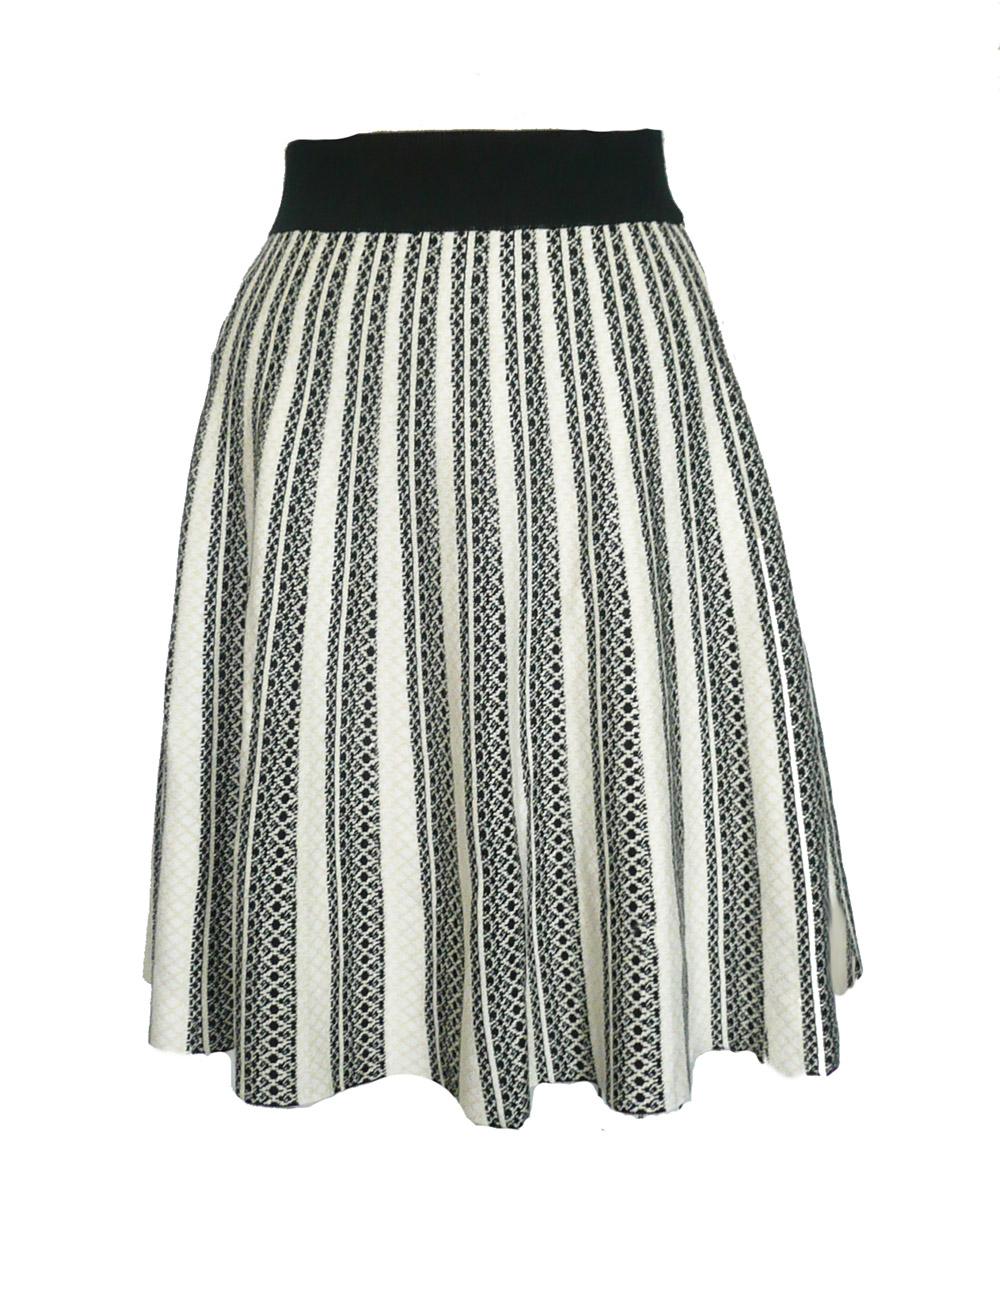 skirt bw stripe knit.jpg